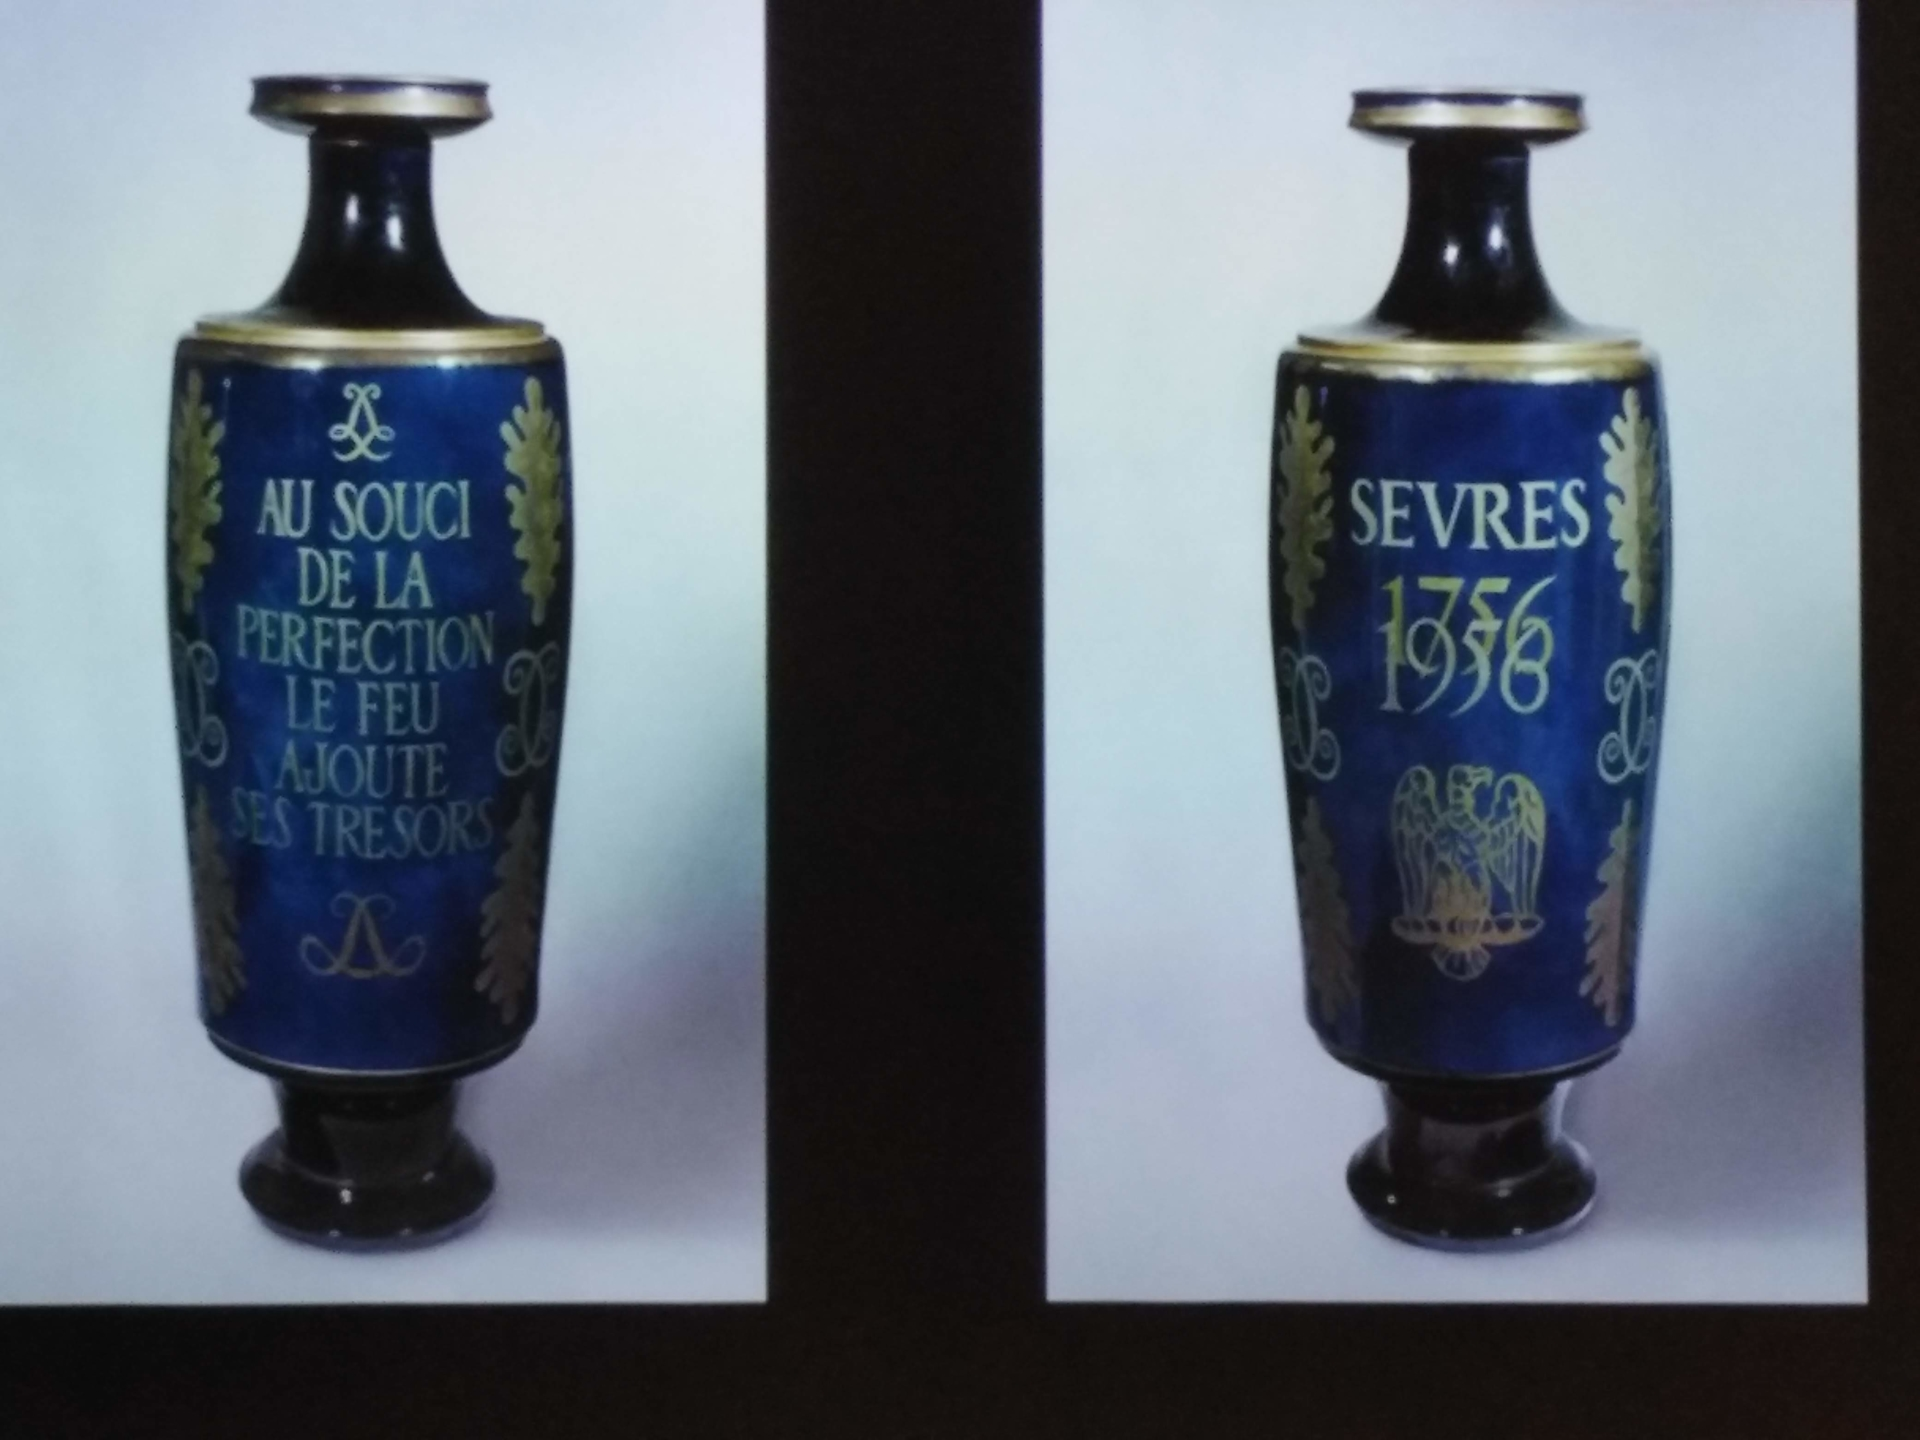 Conférence La Manufacture de Sèvres, des années 1960 à nos joursPar Catherine Trouvet, historienne de l'art